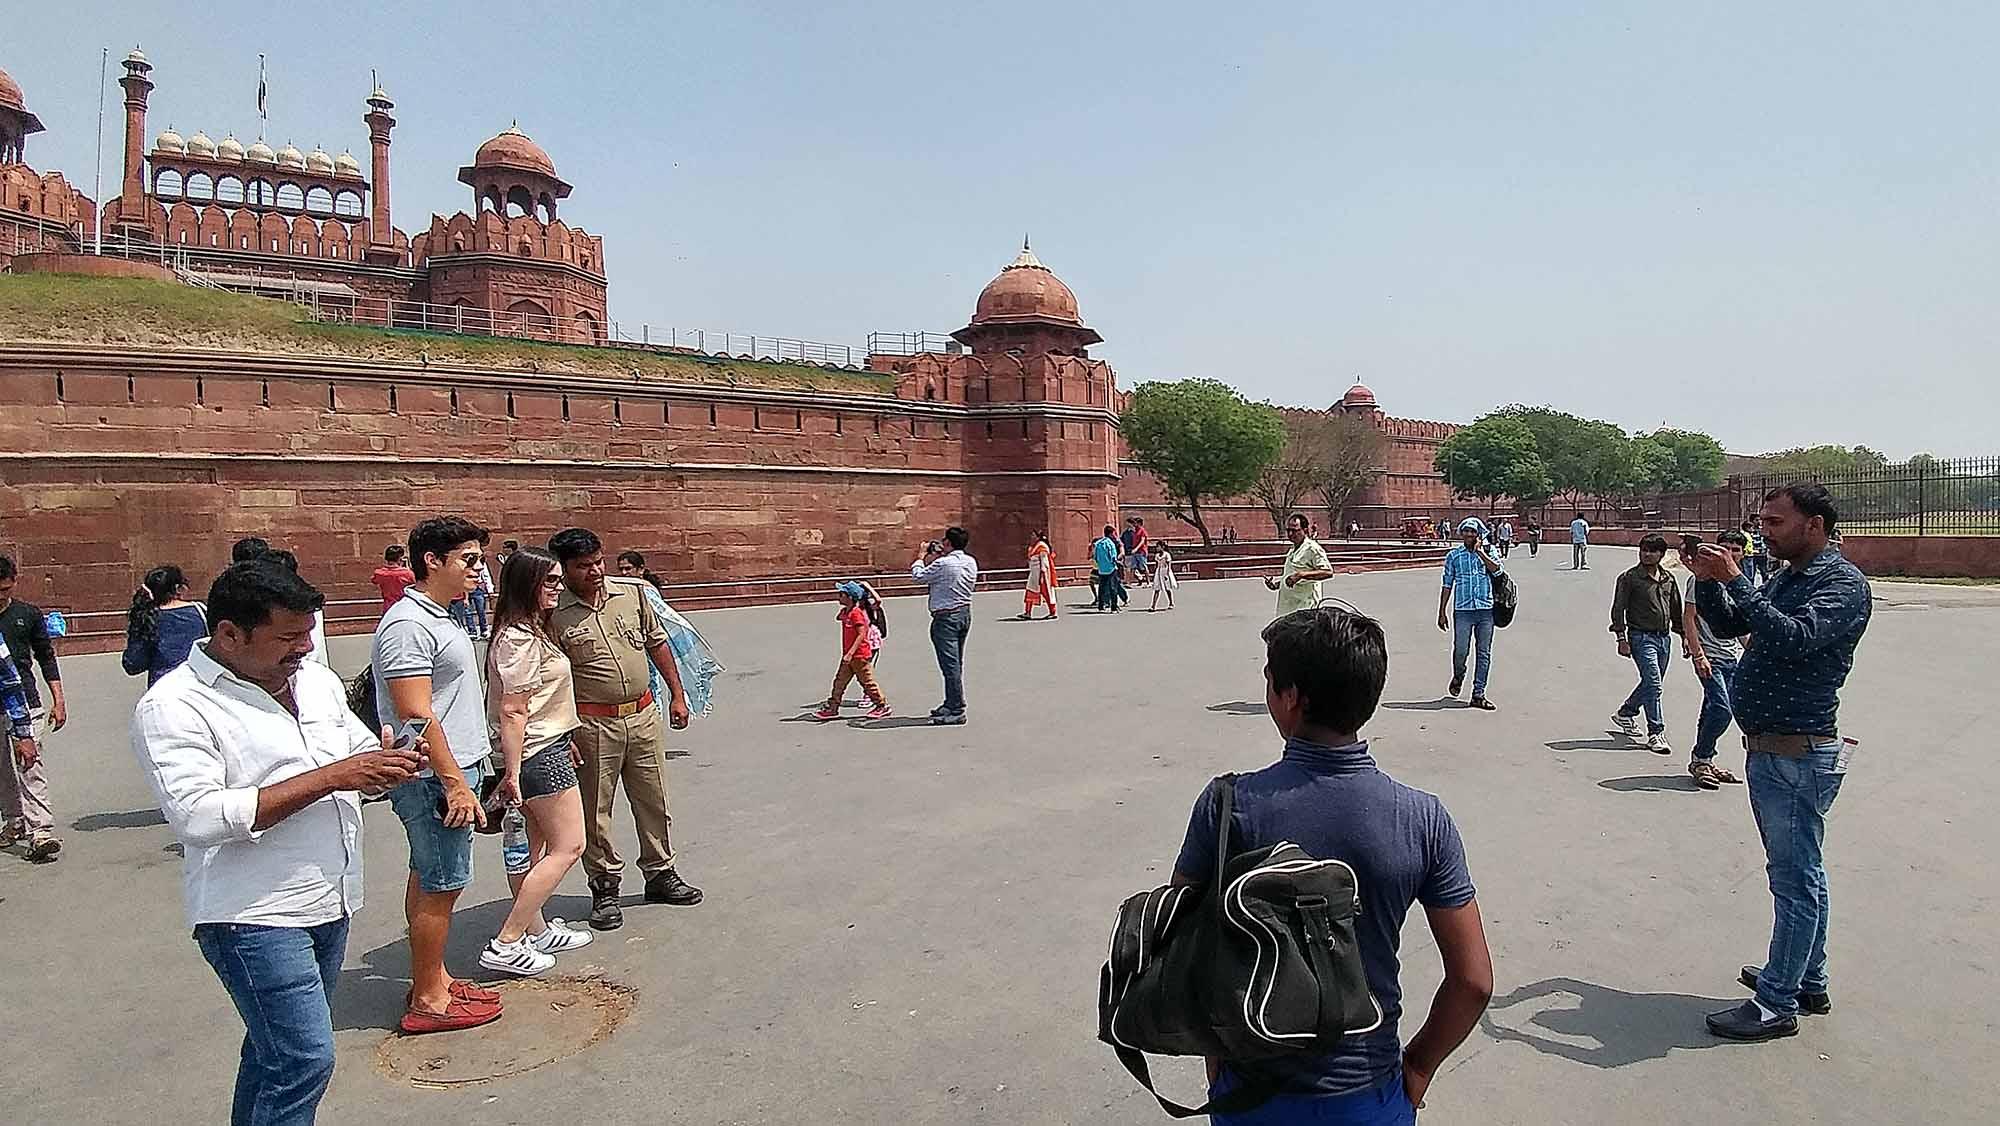 Indianos pediram para tirar fotos com a Amanda e o Rodrigo em frente ao Forte de Nova Delhi, India.